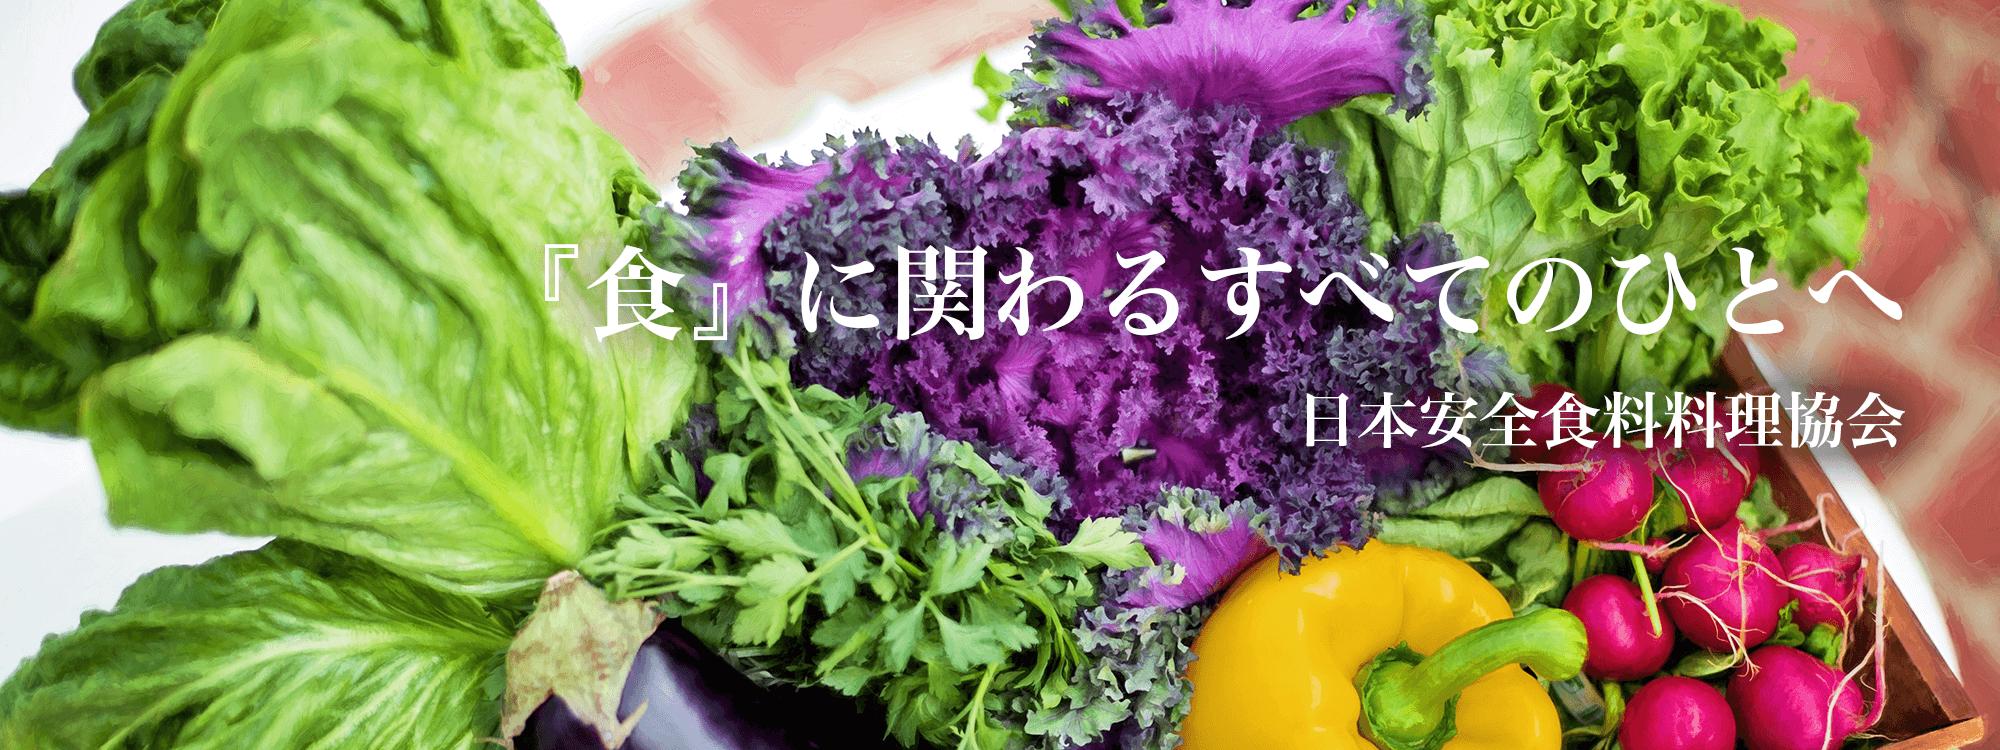 日本安全食料料理協会 | 『食』に関わるすべてのひとへ